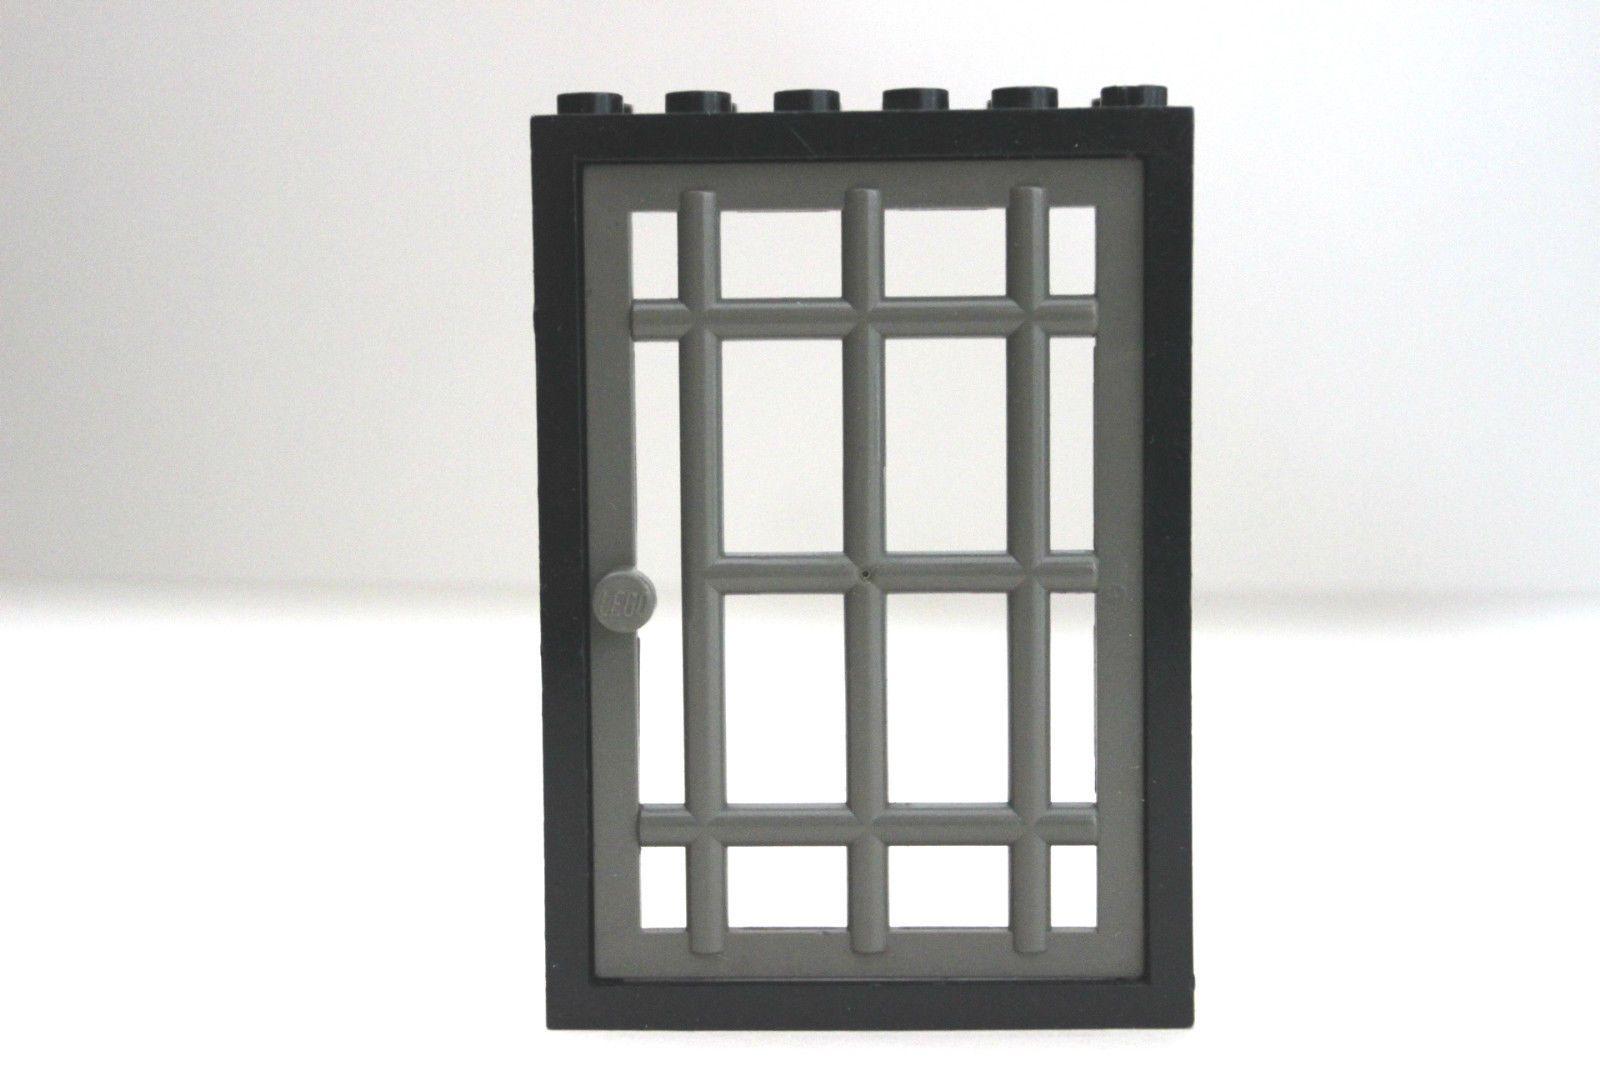 LEGO BLACK FRAME Grey Bars JAIL PRISON BARRED DOOR CASTLE PIRATES ...